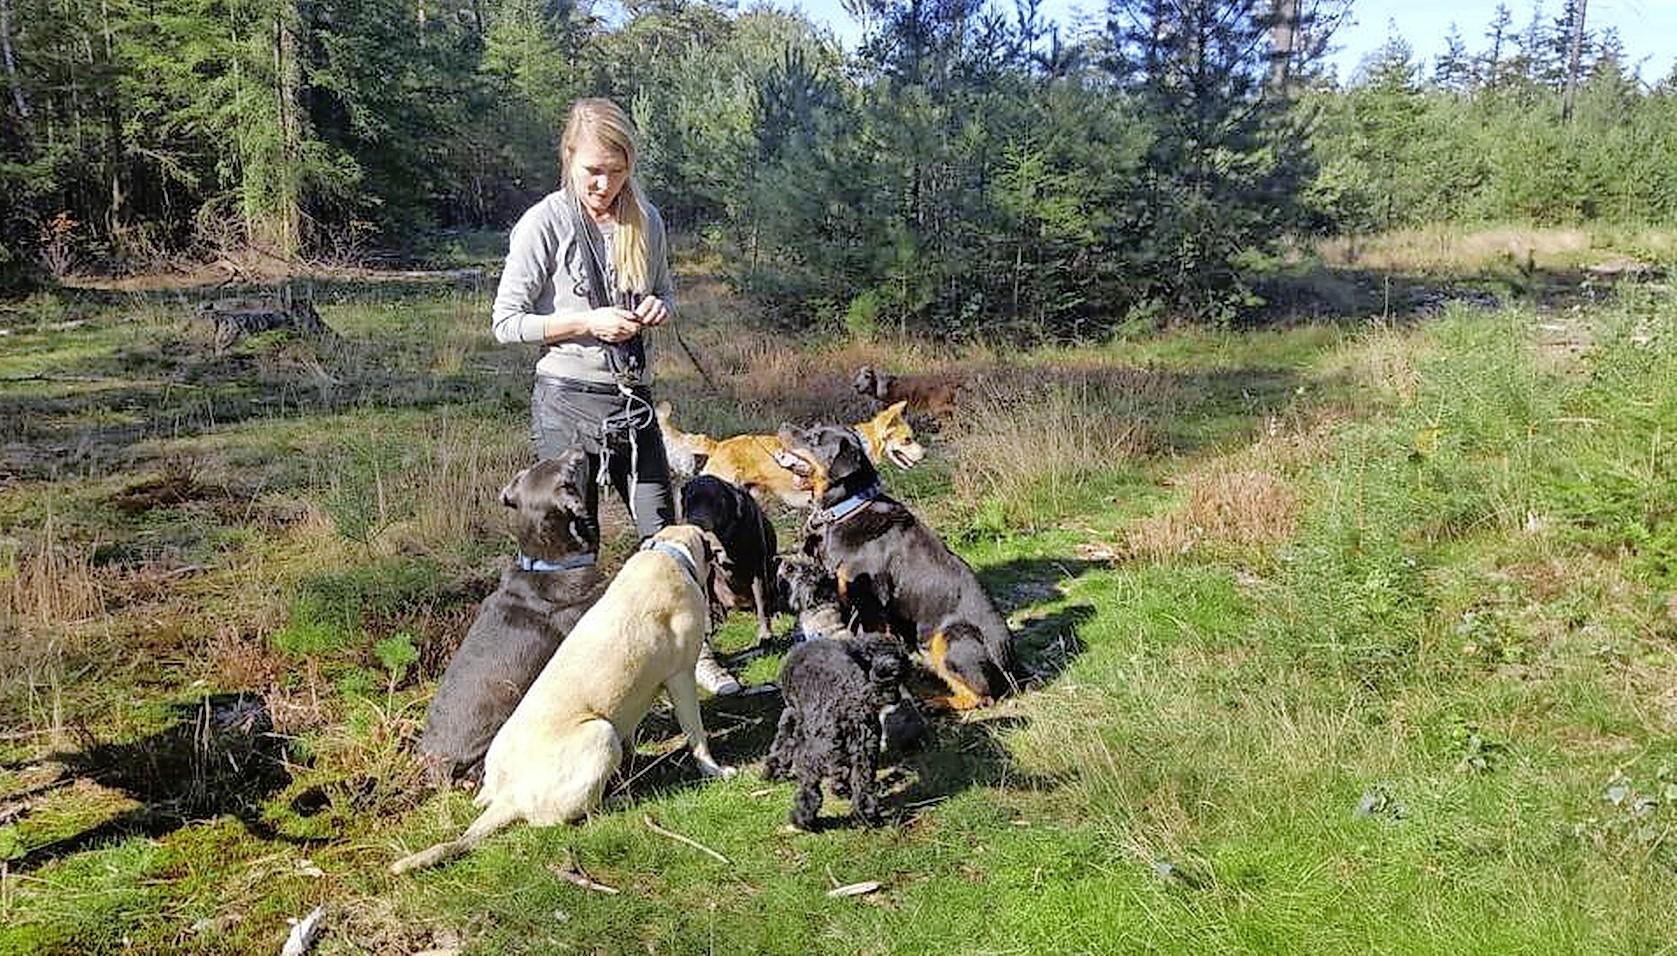 Omheind hondenuitlaatgebied op landgoed Pijnenburg laat nog maanden op zich wachten, zegt wethouder Erwin Jansma. Landgoedeigenaar kan gedraai van Baarn niet meer volgen